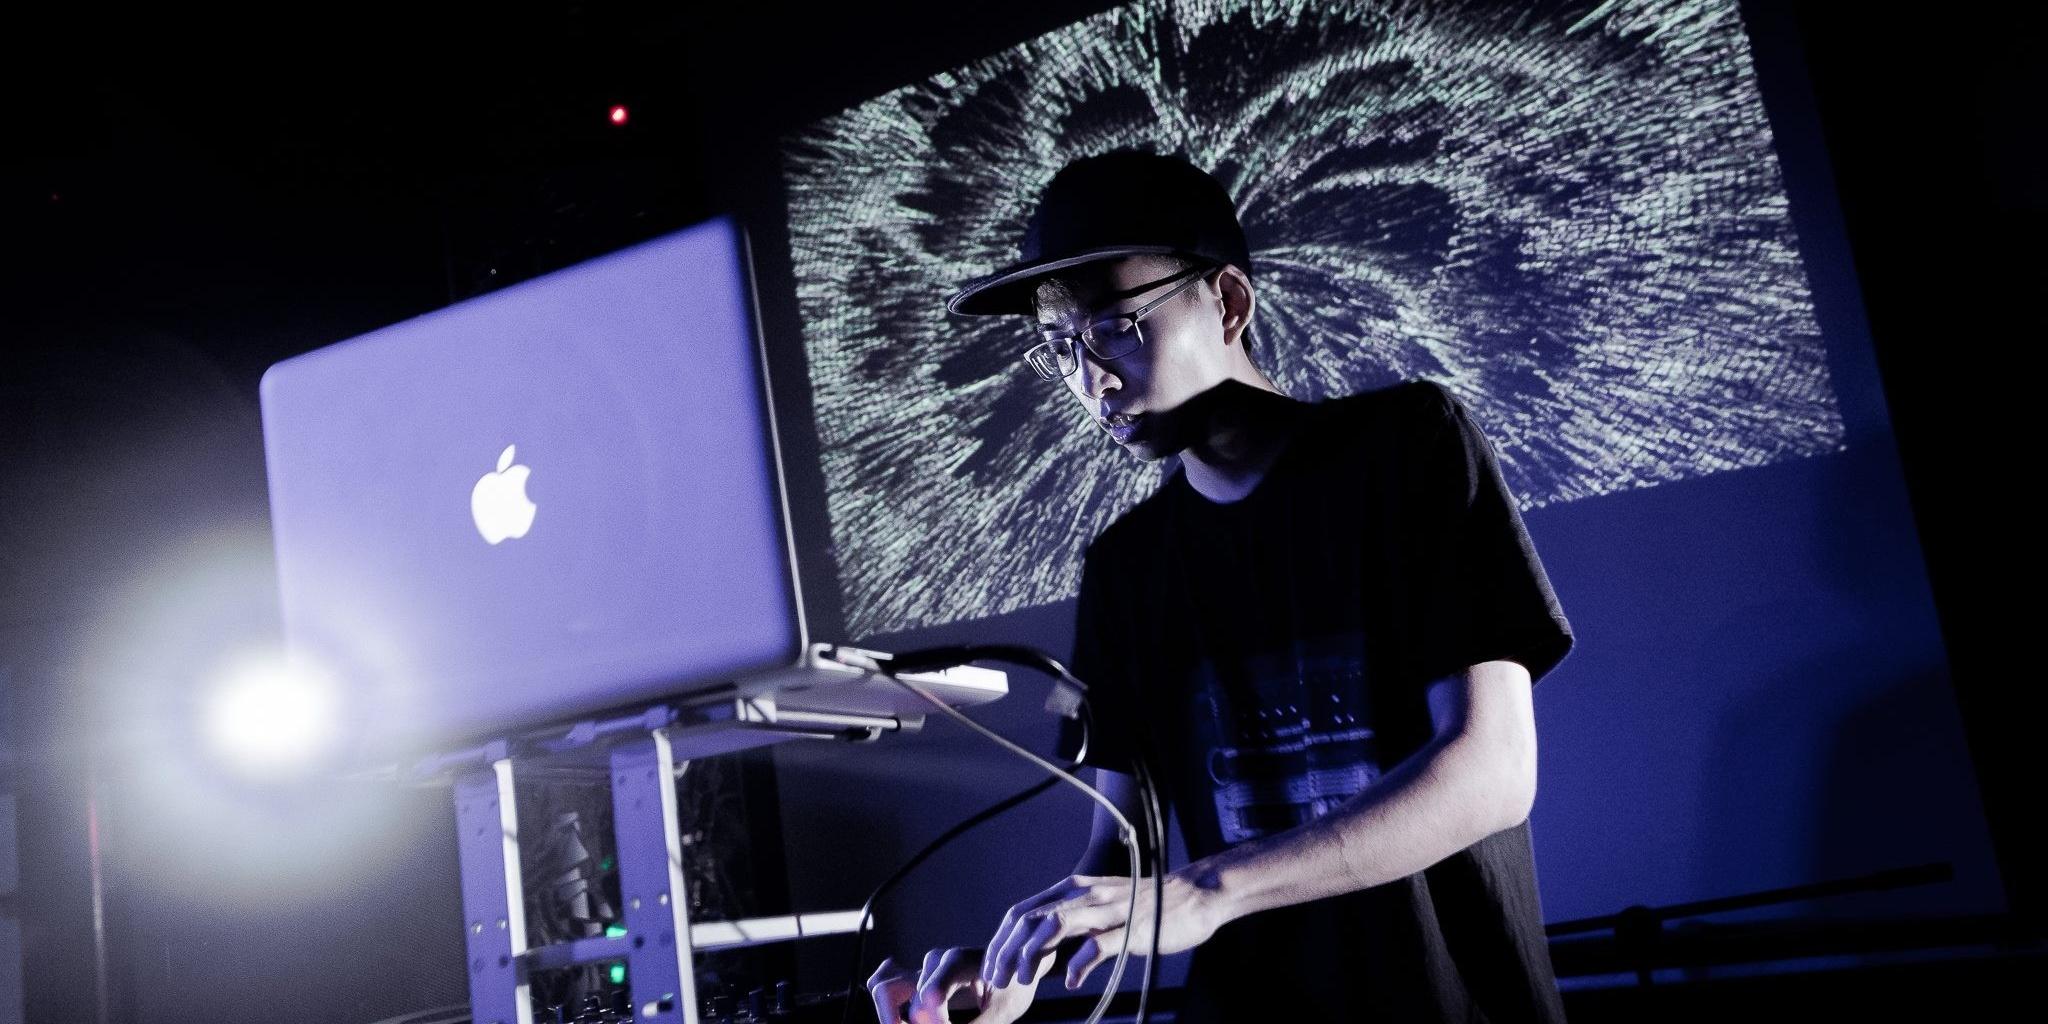 LISTEN: Darker Than Wax premieres a fresh Fzpz joint ahead of his debut Taipei showcase